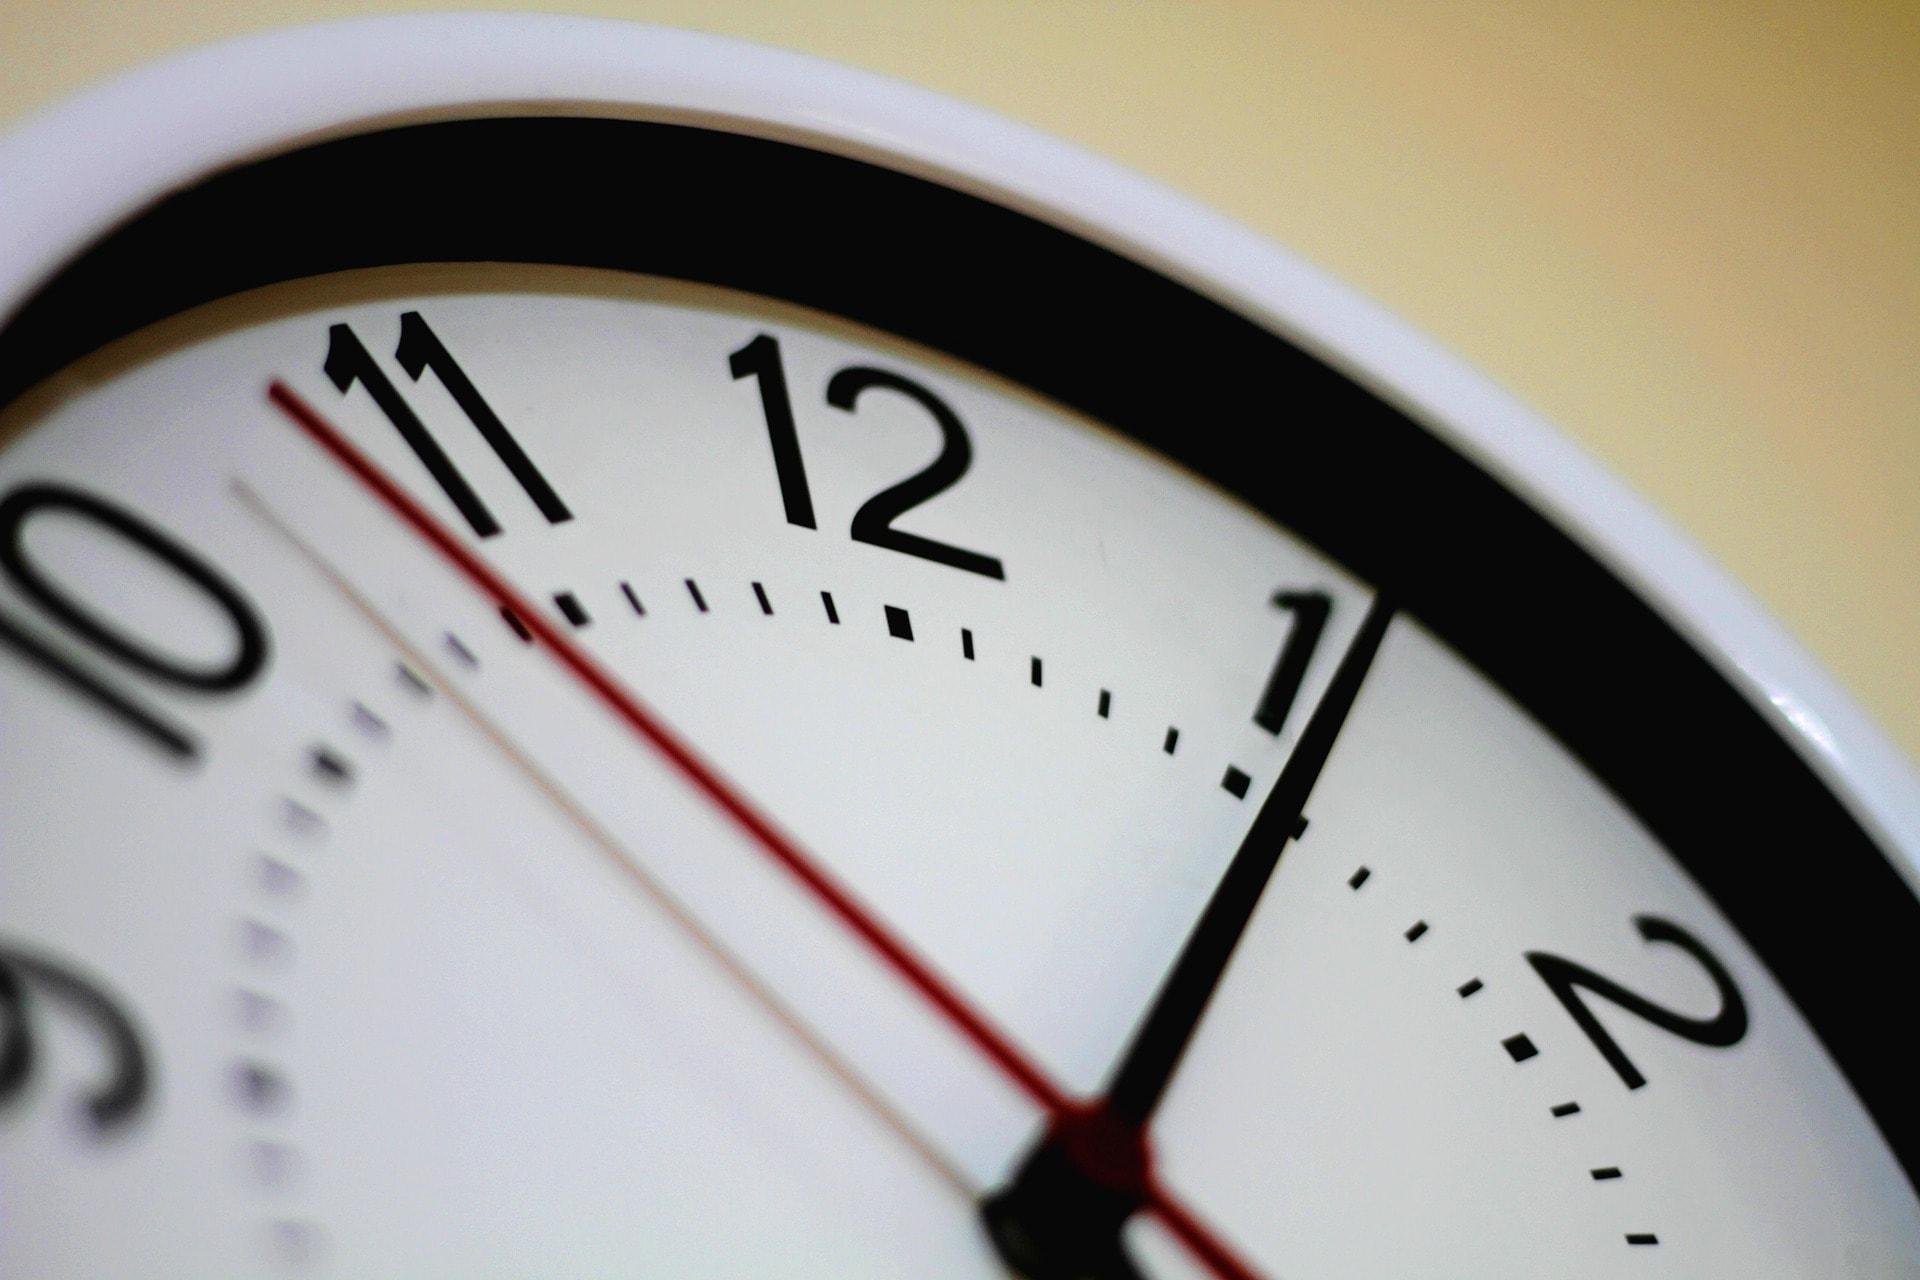 アメリカでのサマータイム(Daylight Saving Time)がもたらす影響